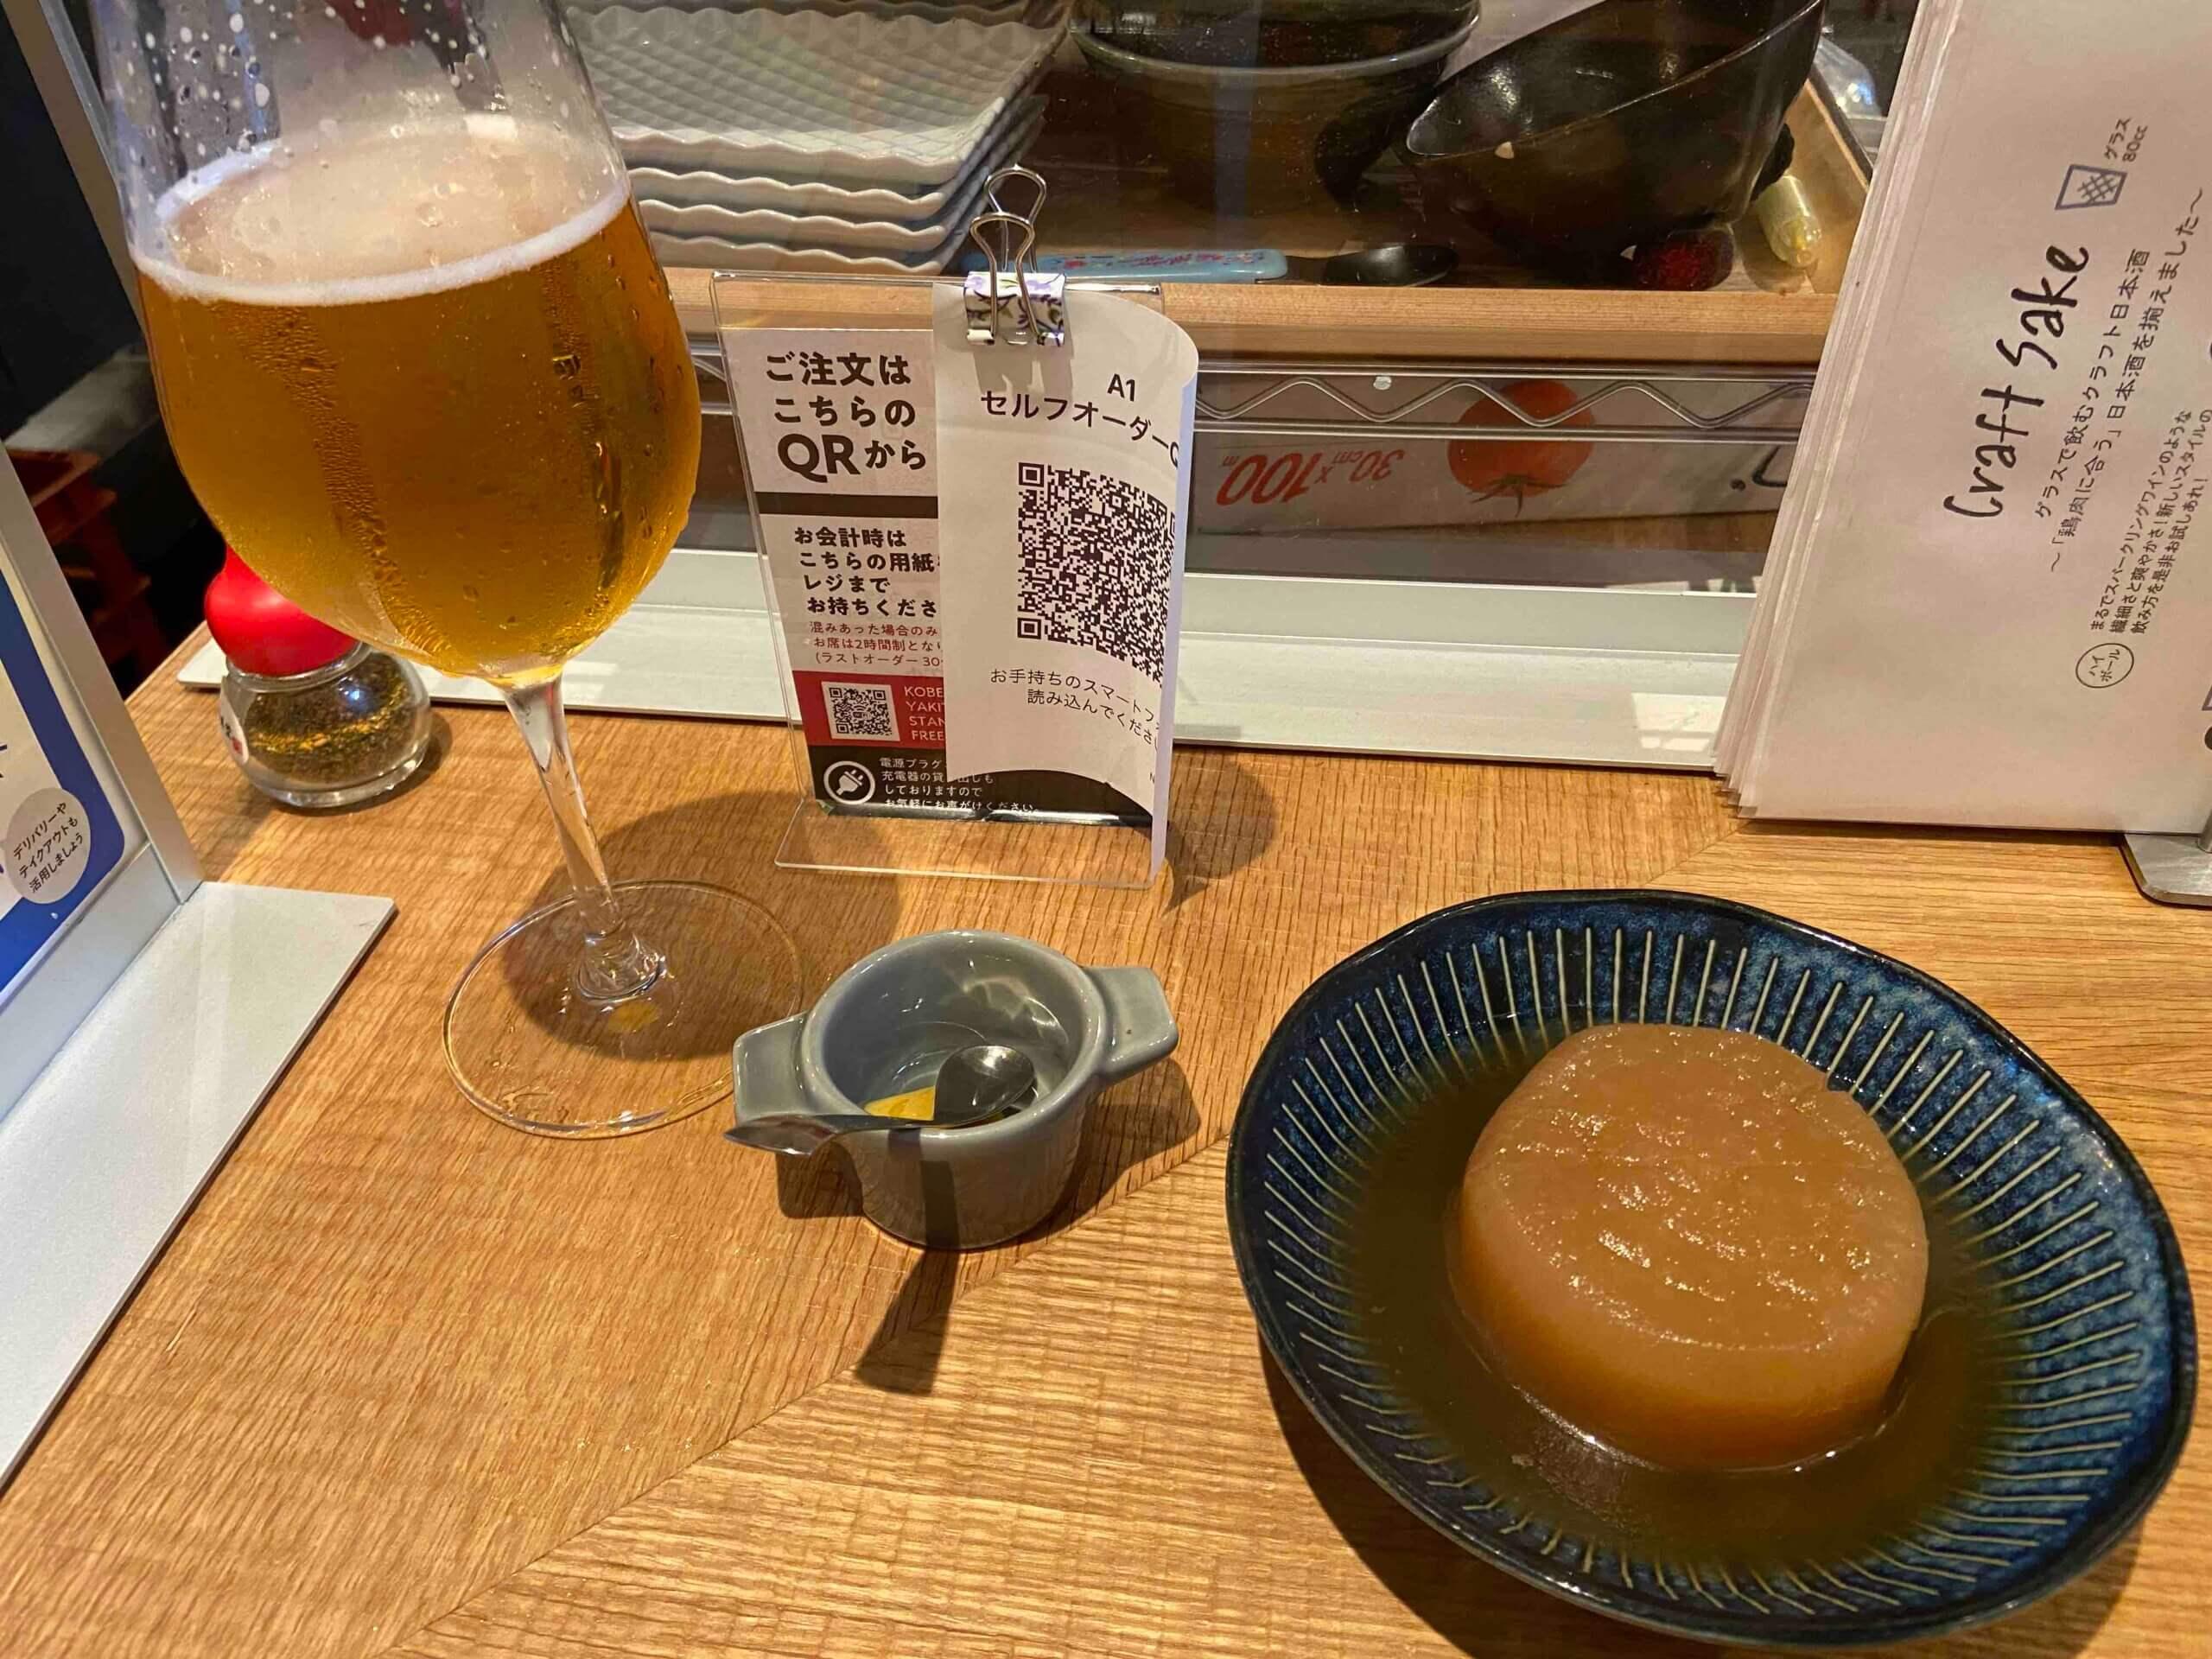 【評価】KOBE YAKITORI STAND 野乃鳥 in神戸三宮EKIZOに行った感想【焼き鳥】